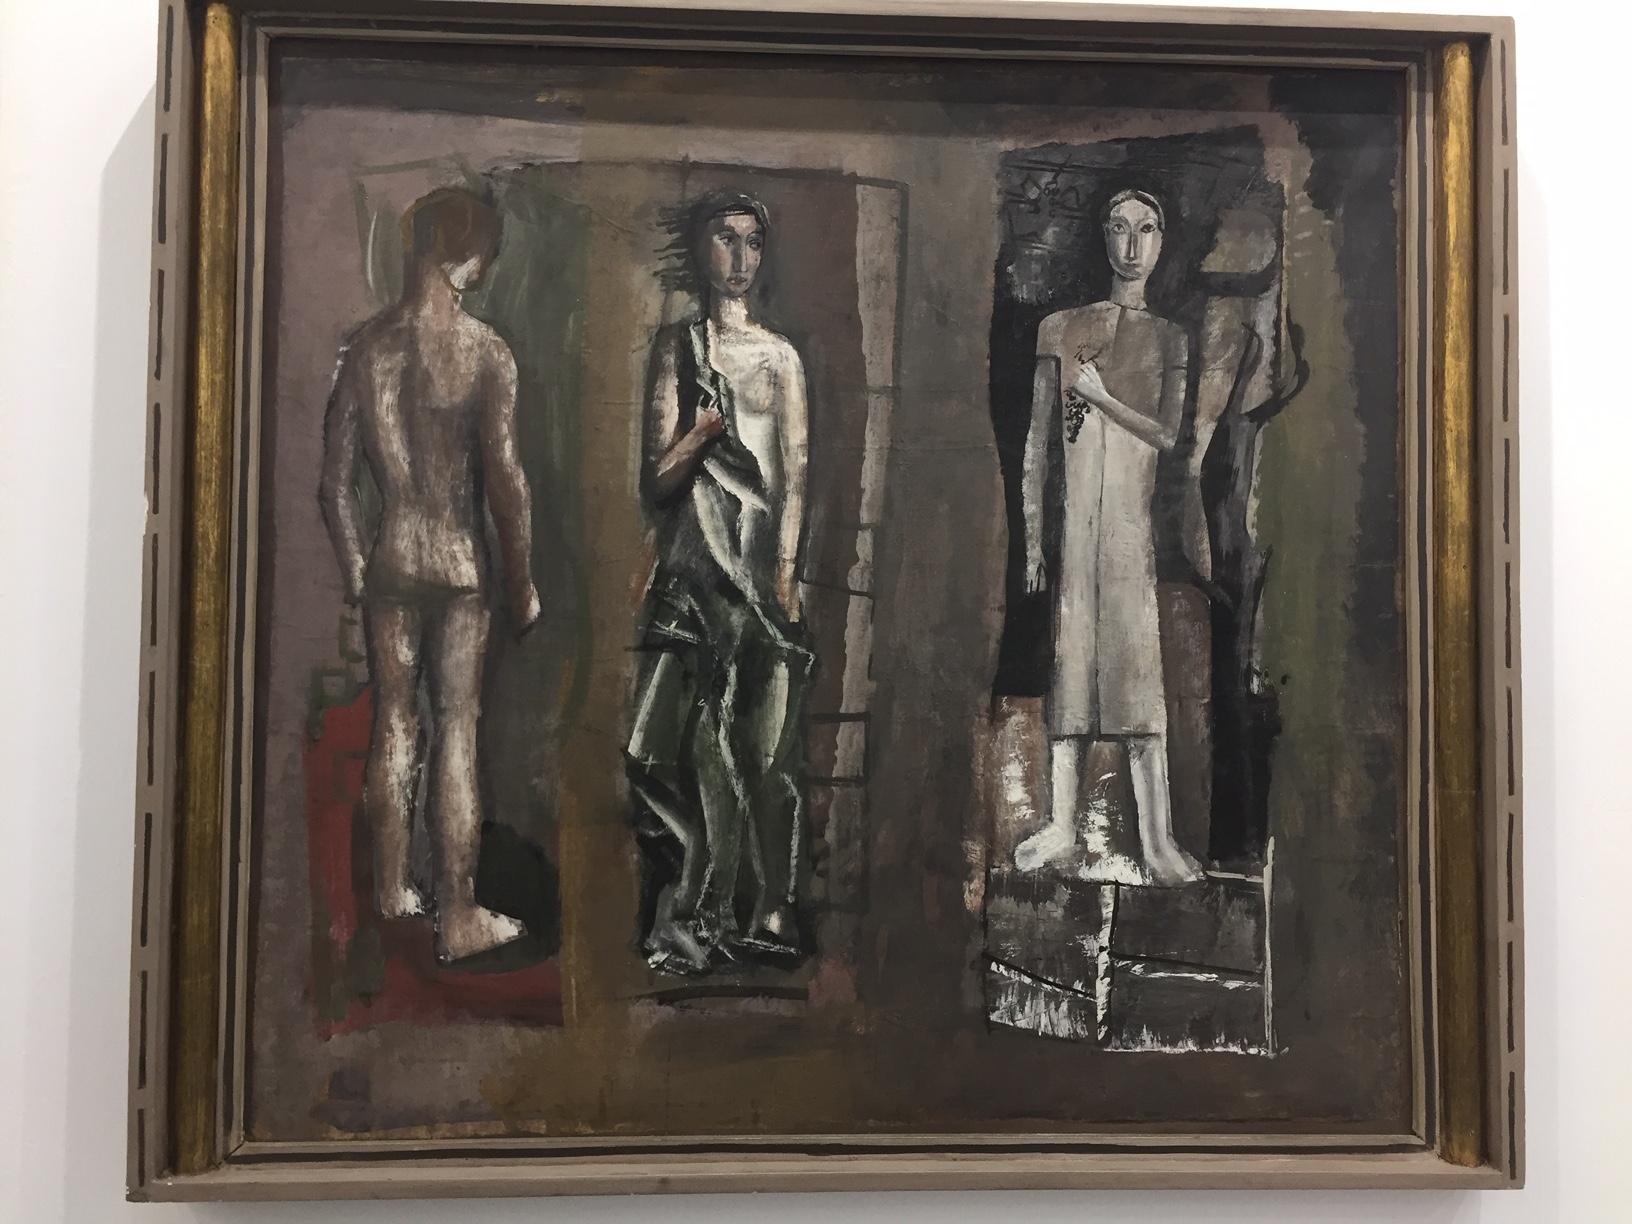 Mario Sironi, Russo, Arte Fiera 2019